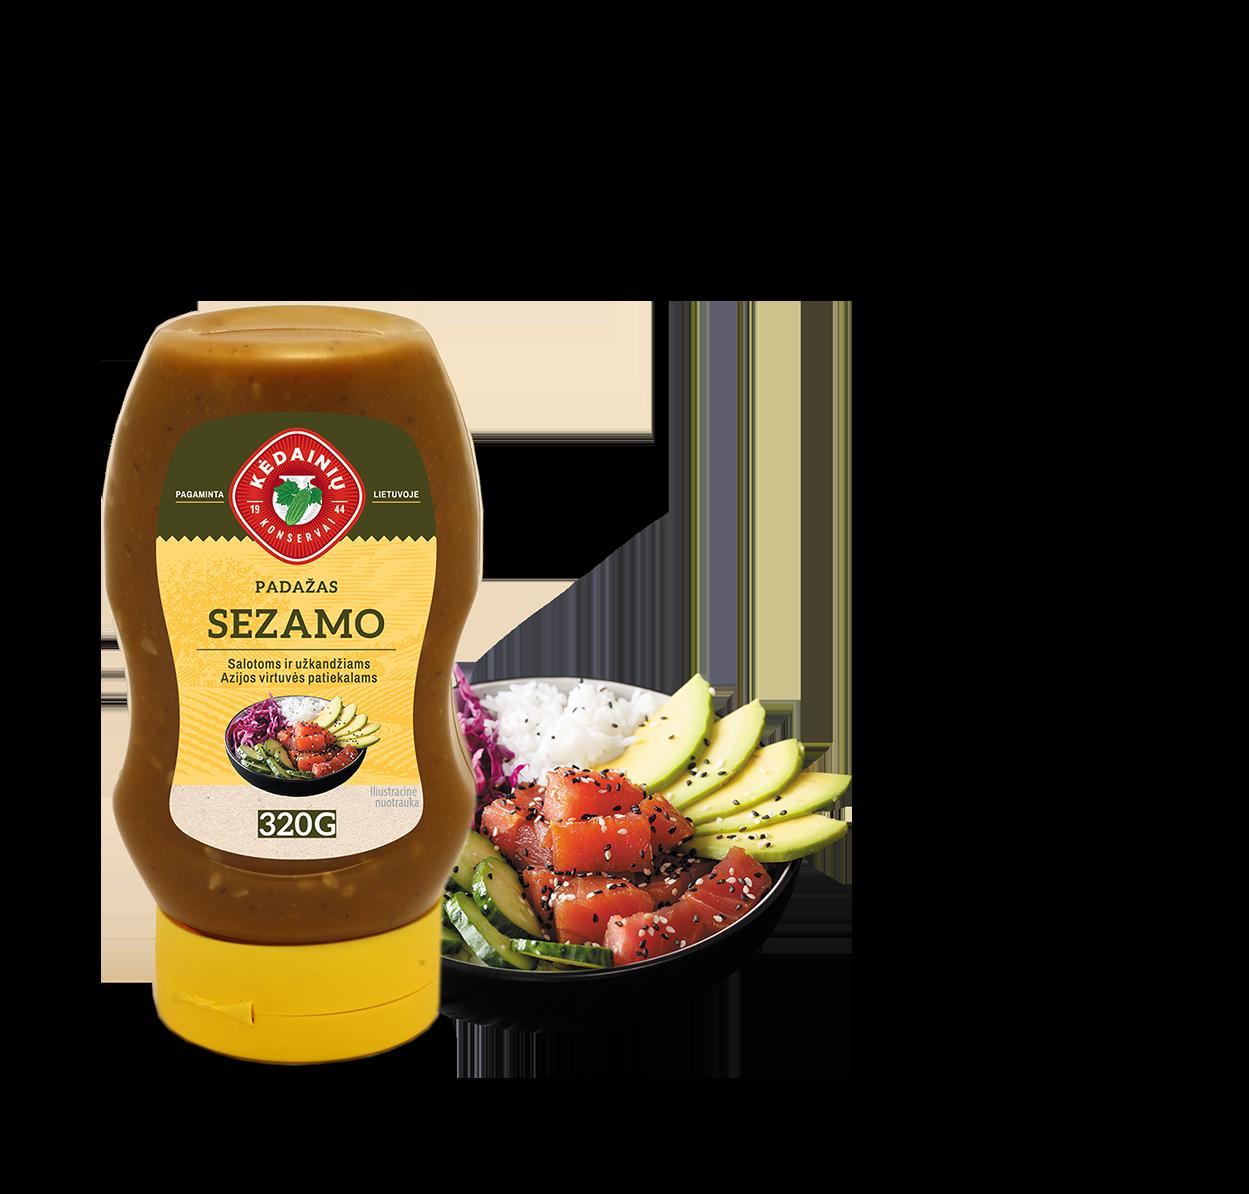 Sezamo